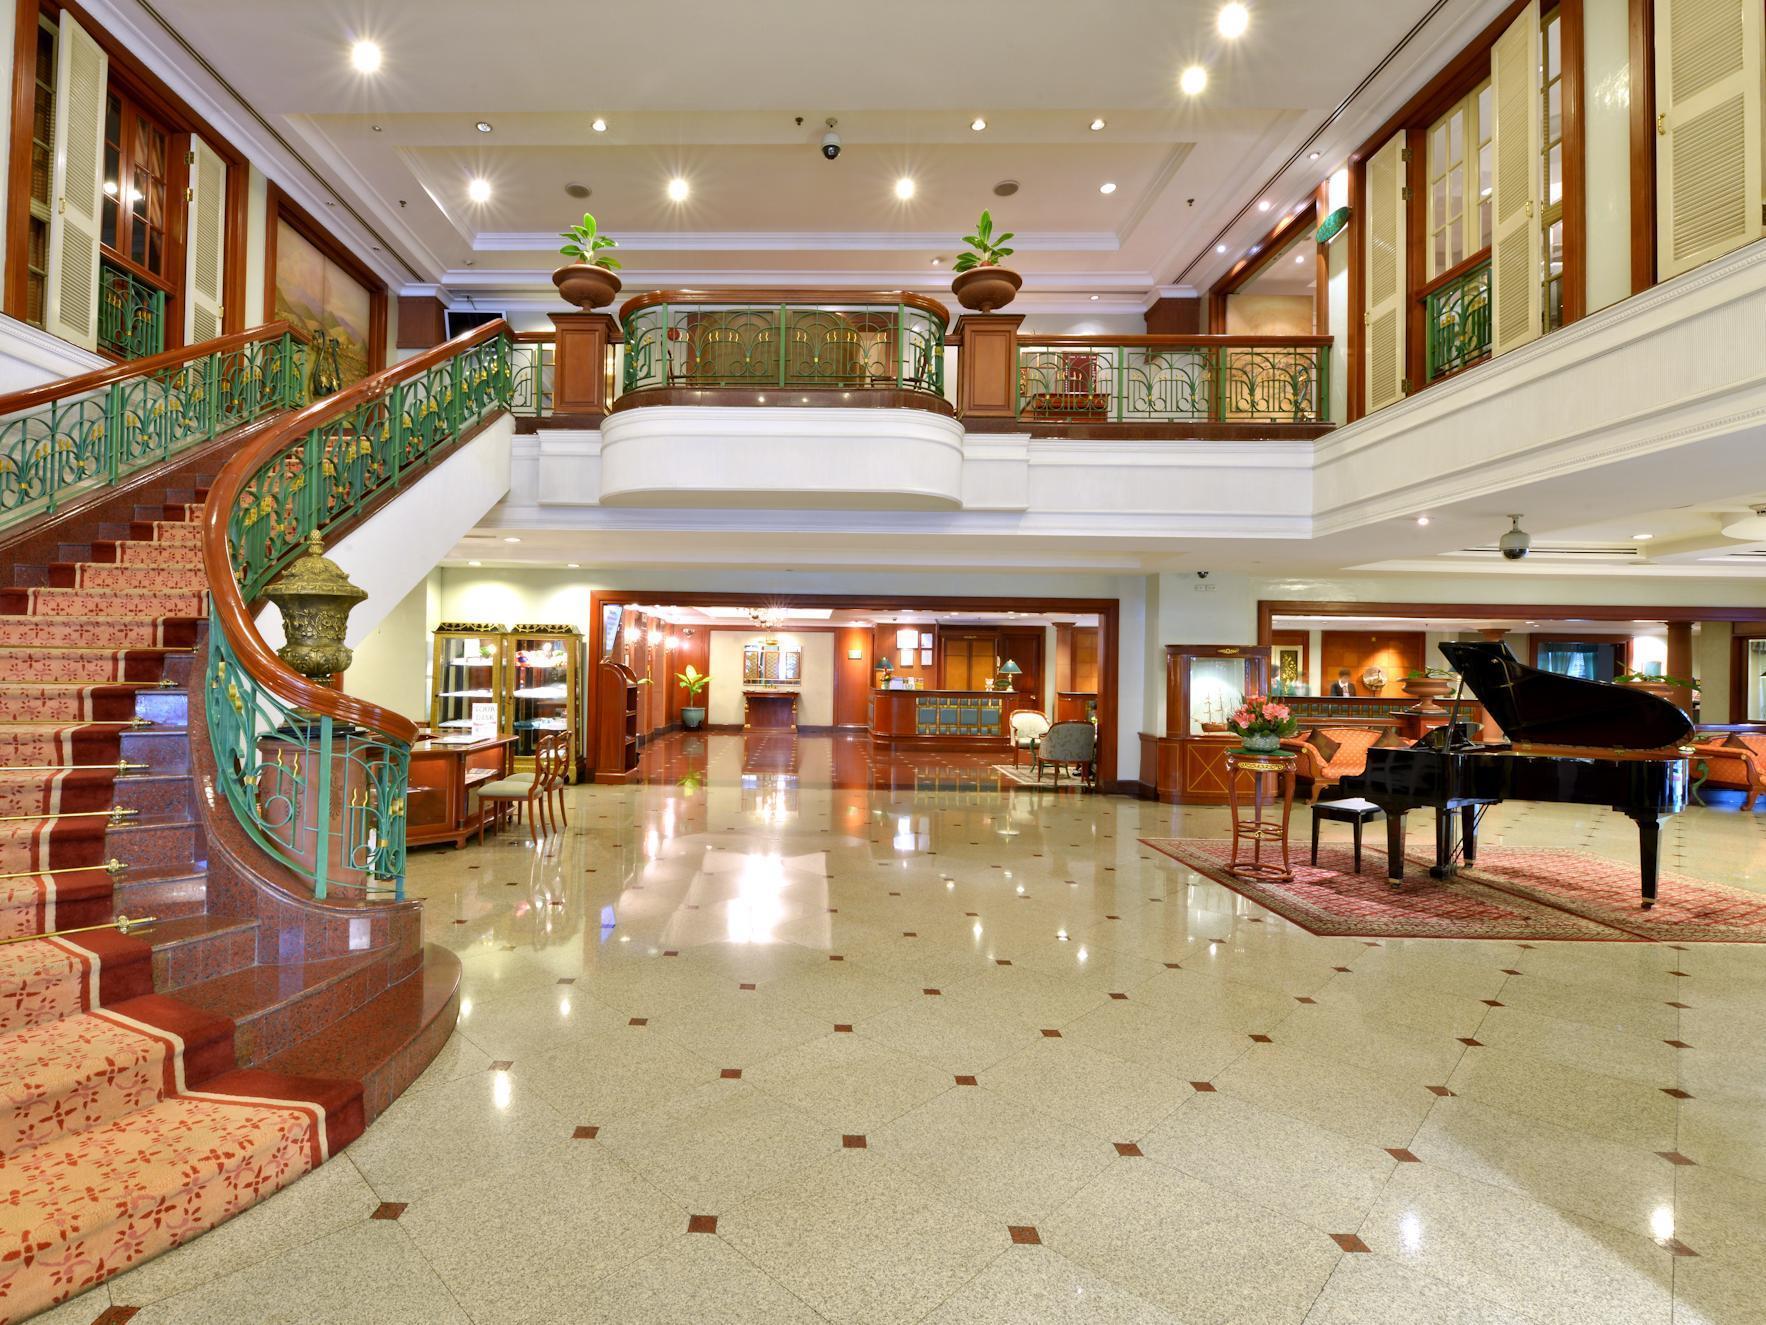 โรงแรมเอเวอร์กรีน ลอเรล สาธร กรุงเทพ